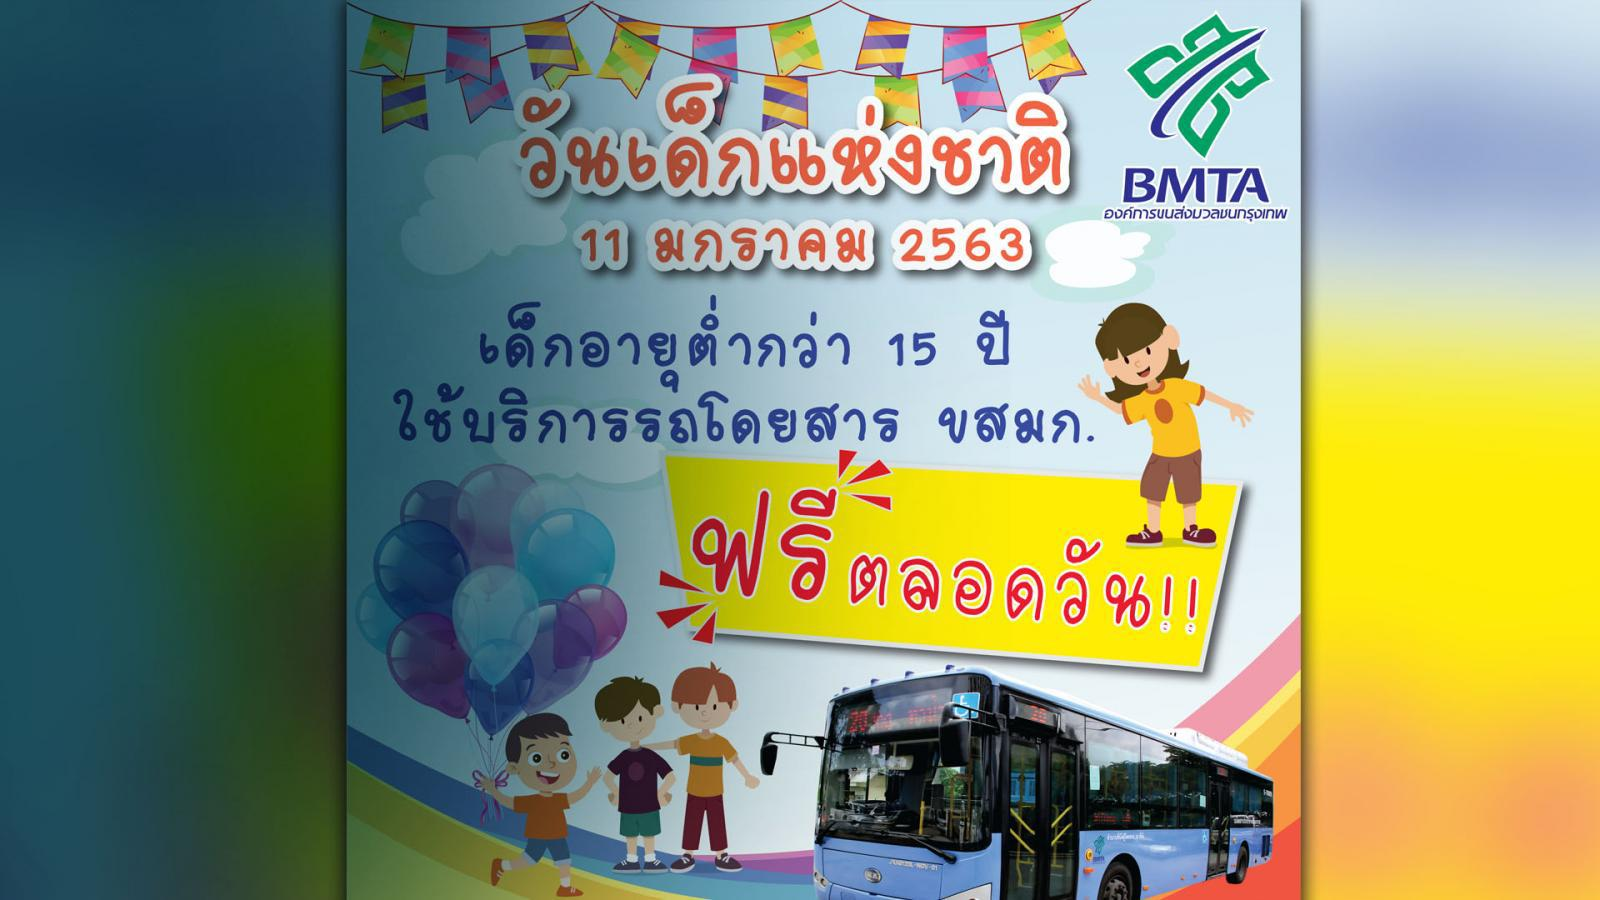 """ขสมก.จัดรถเมล์บริการเด็กอายุต่ำกว่า 15 ปีเที่ยวงาน """"วันเด็กแห่งชาติ"""""""